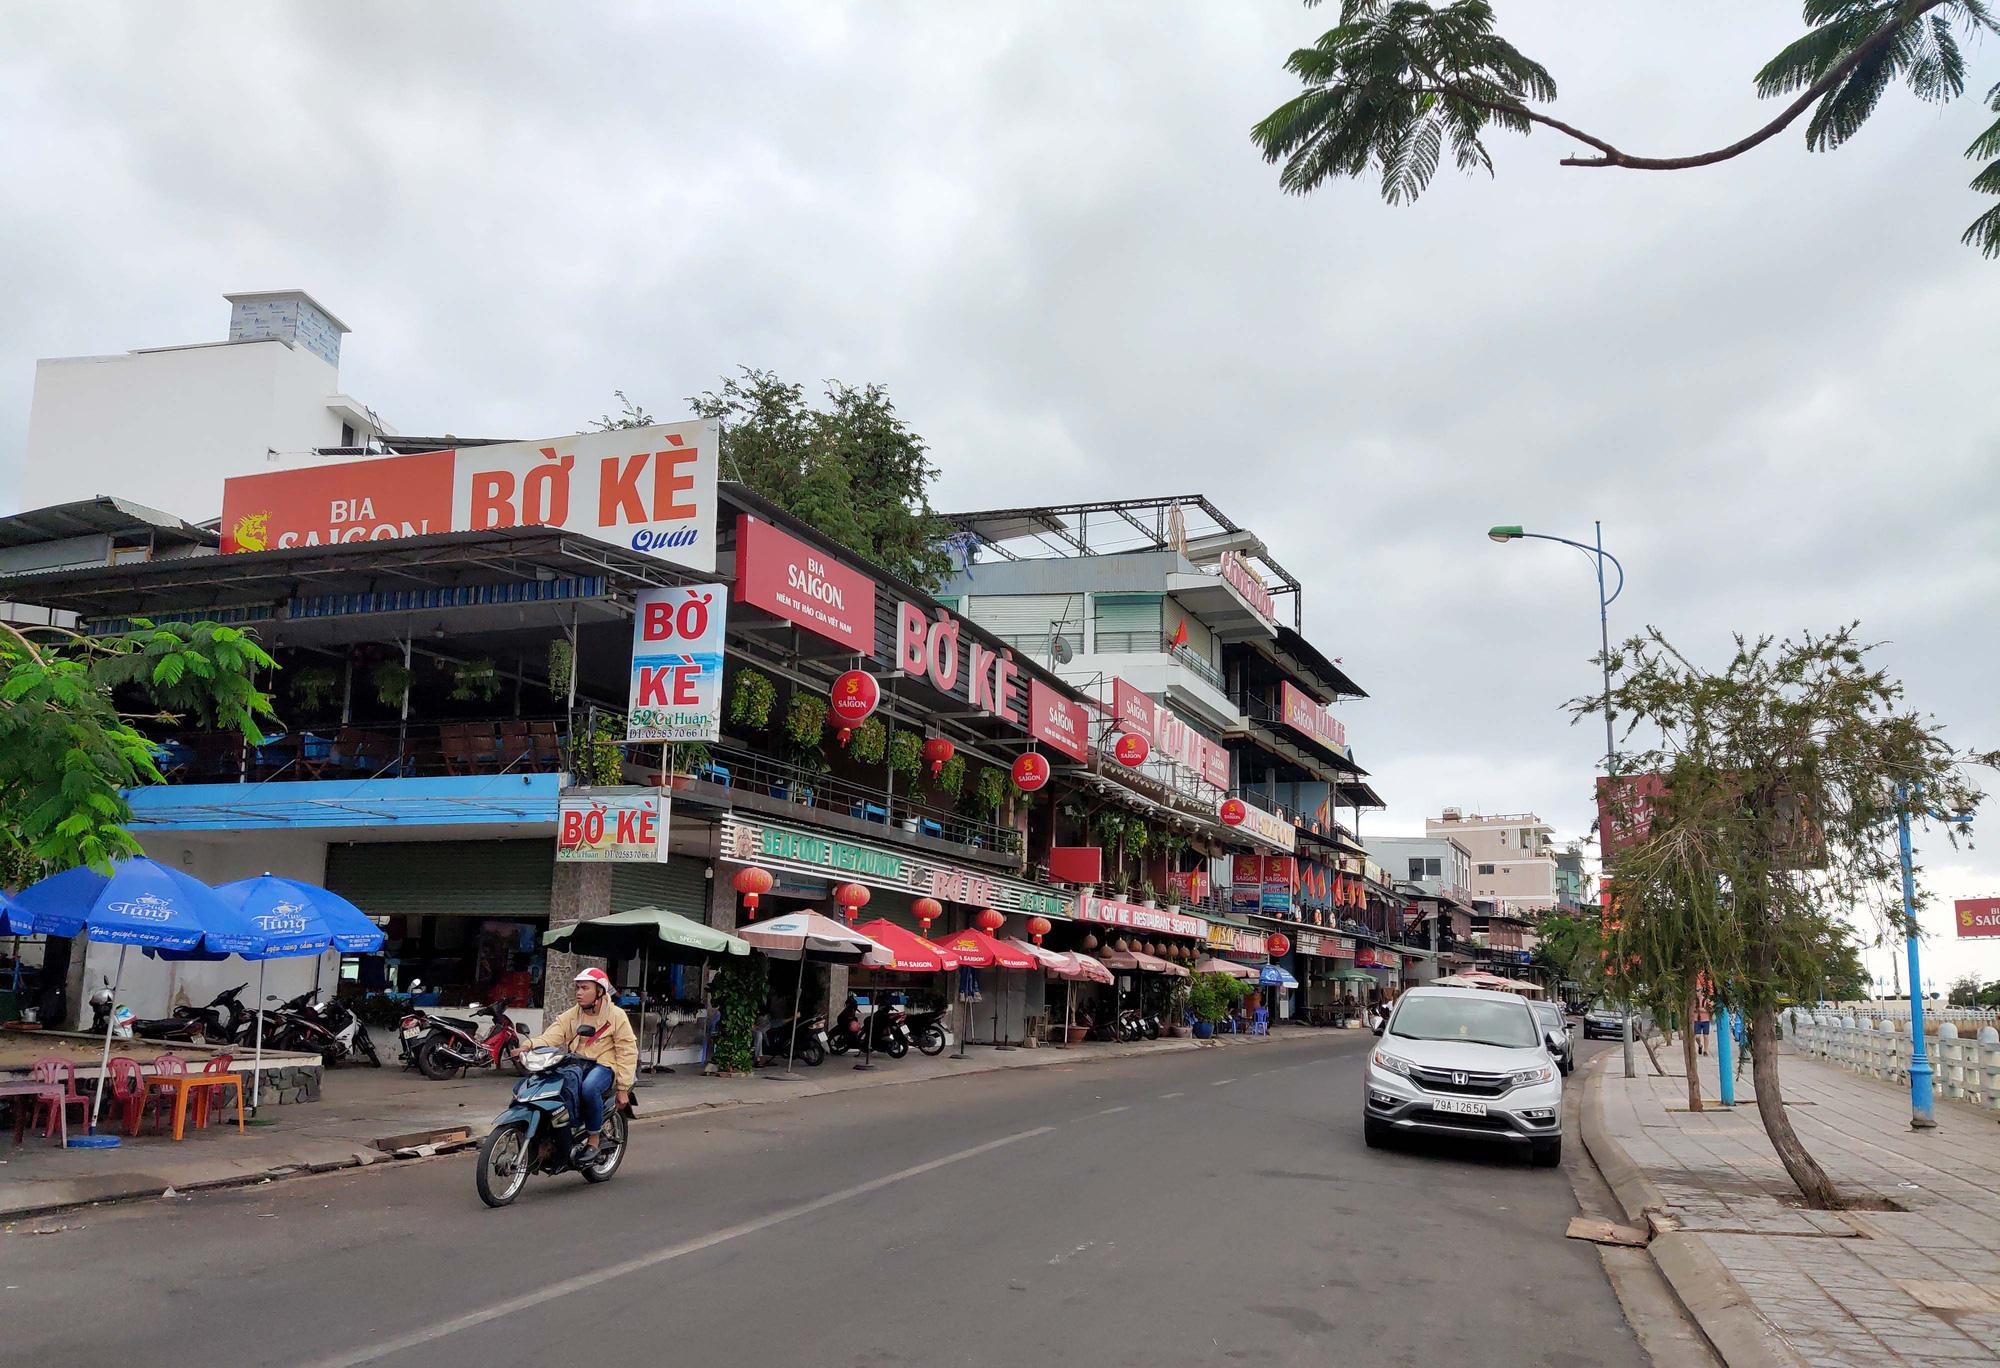 Nha Trang: Phố hải sản đìu hiu, hàng loạt nhà hàng đóng cửa trong đại dịch corona  - Ảnh 1.